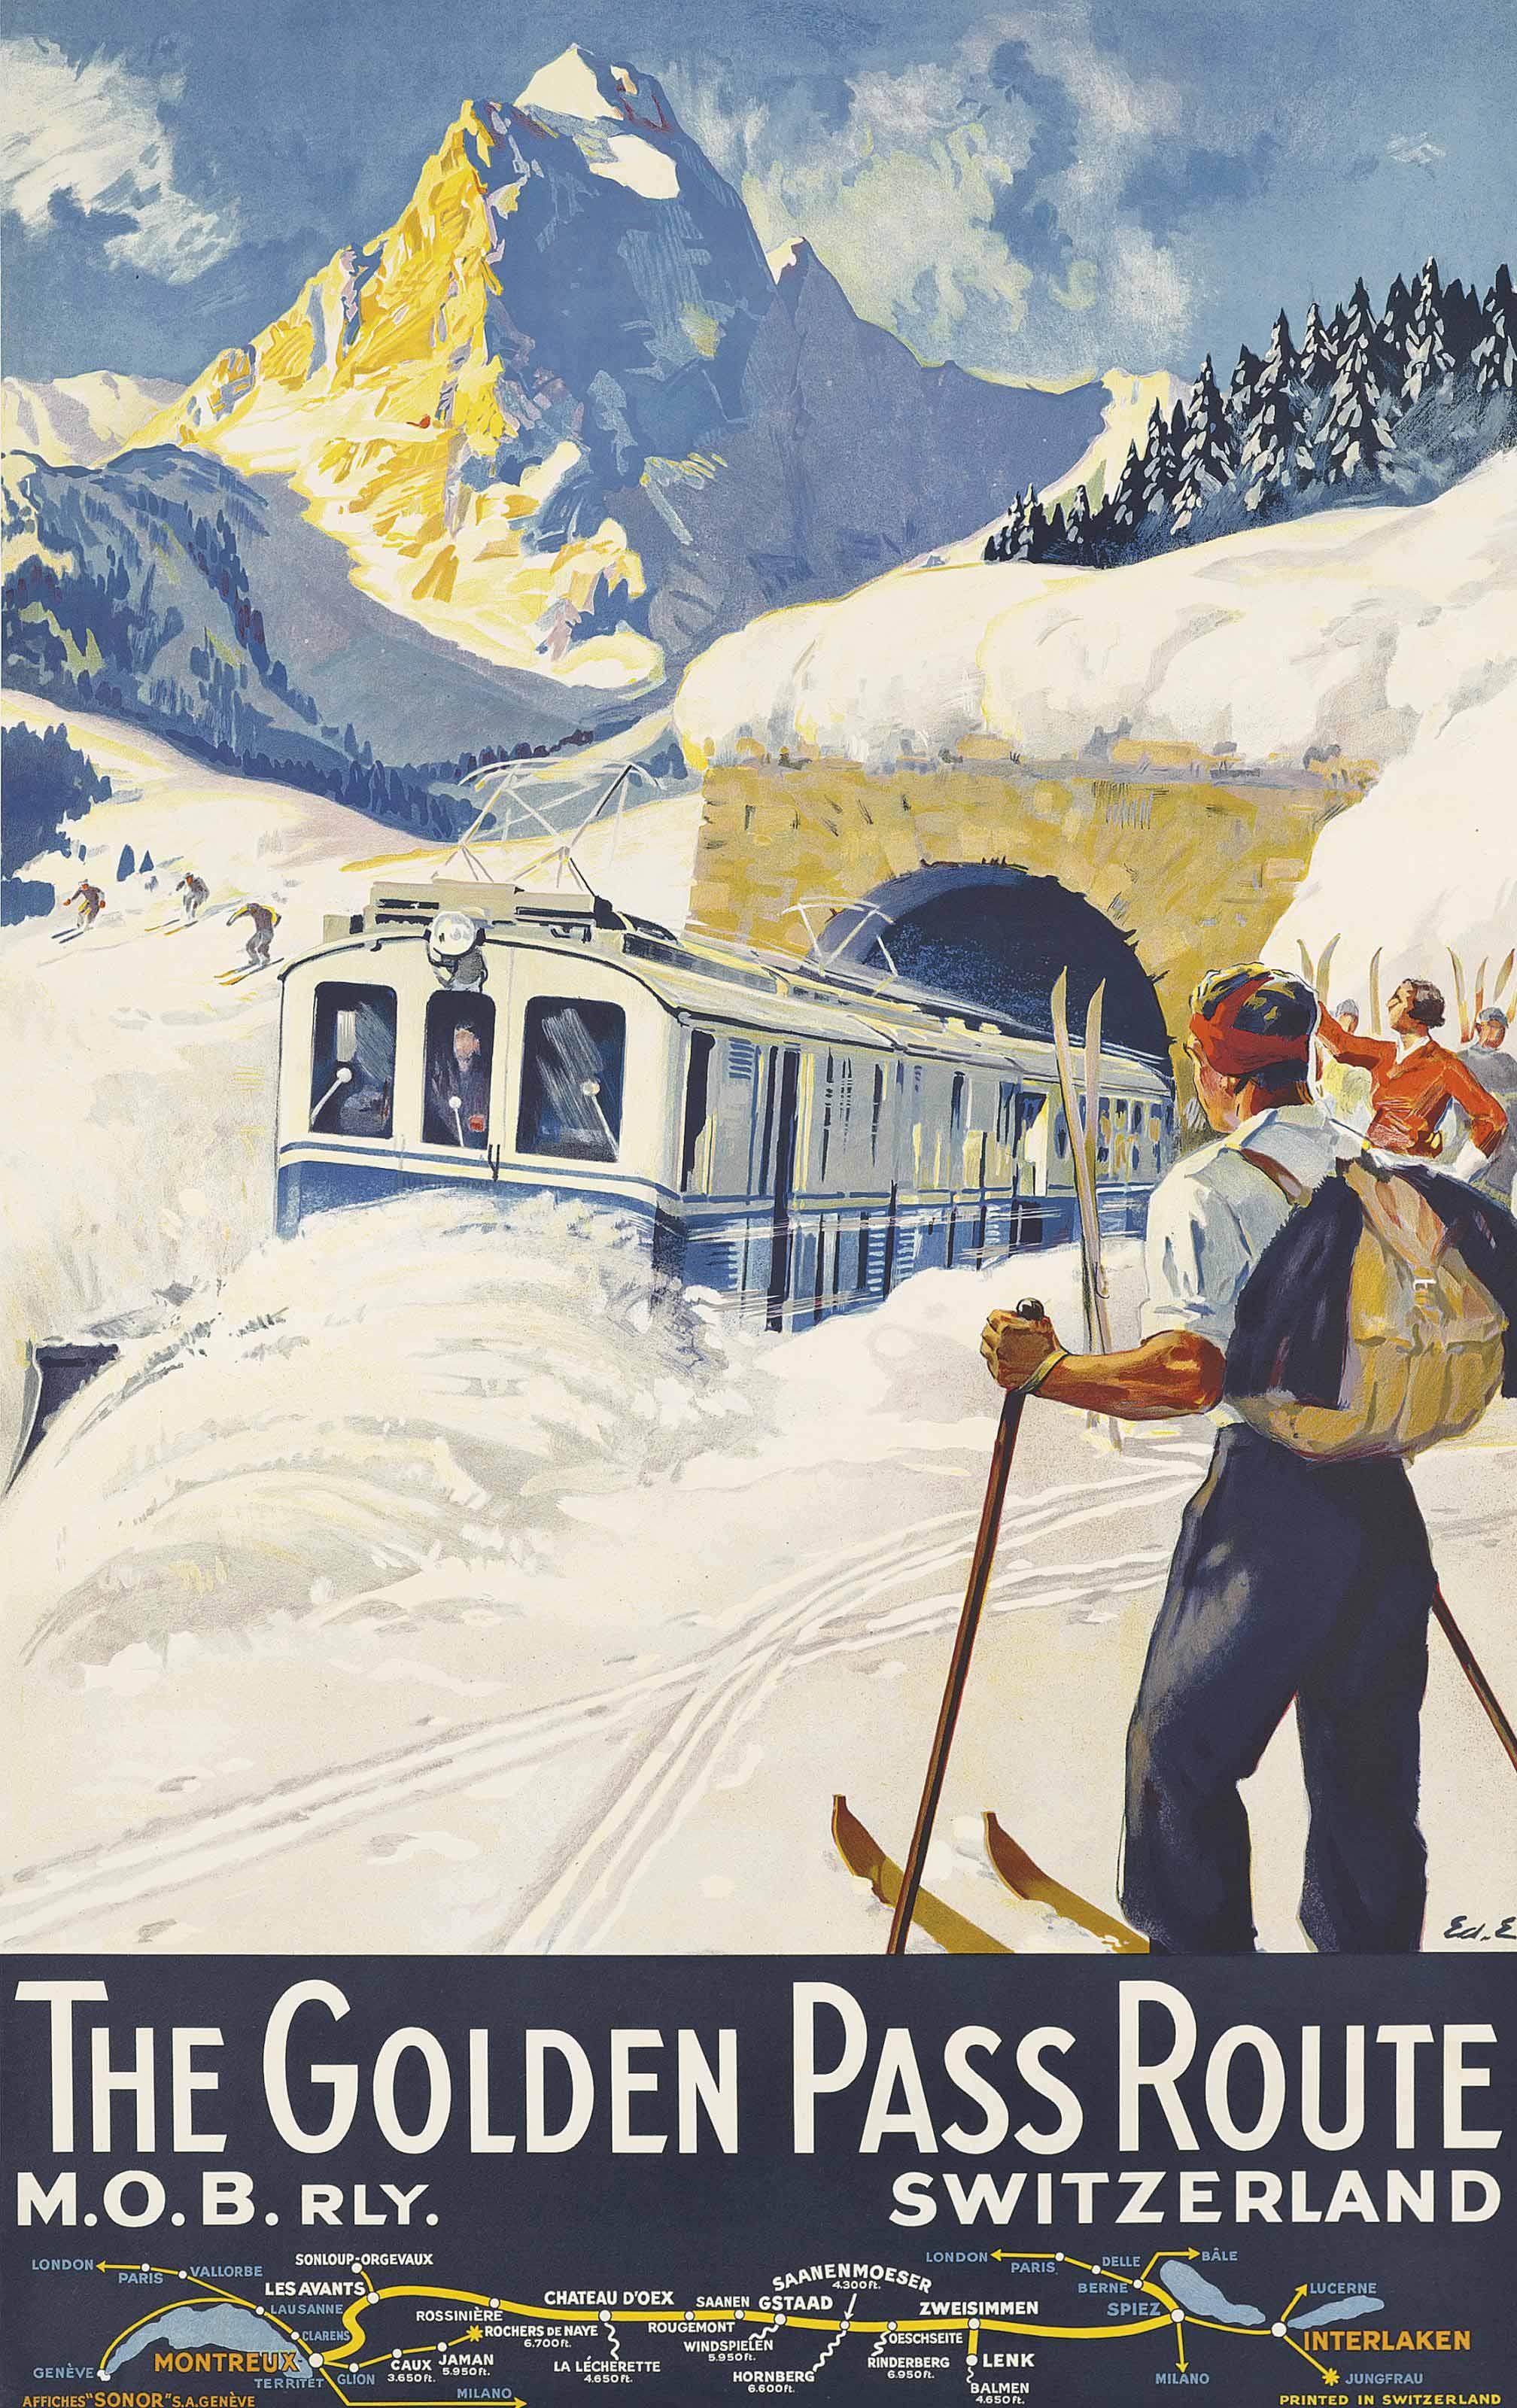 Edouard Elzingre (1880-1966)